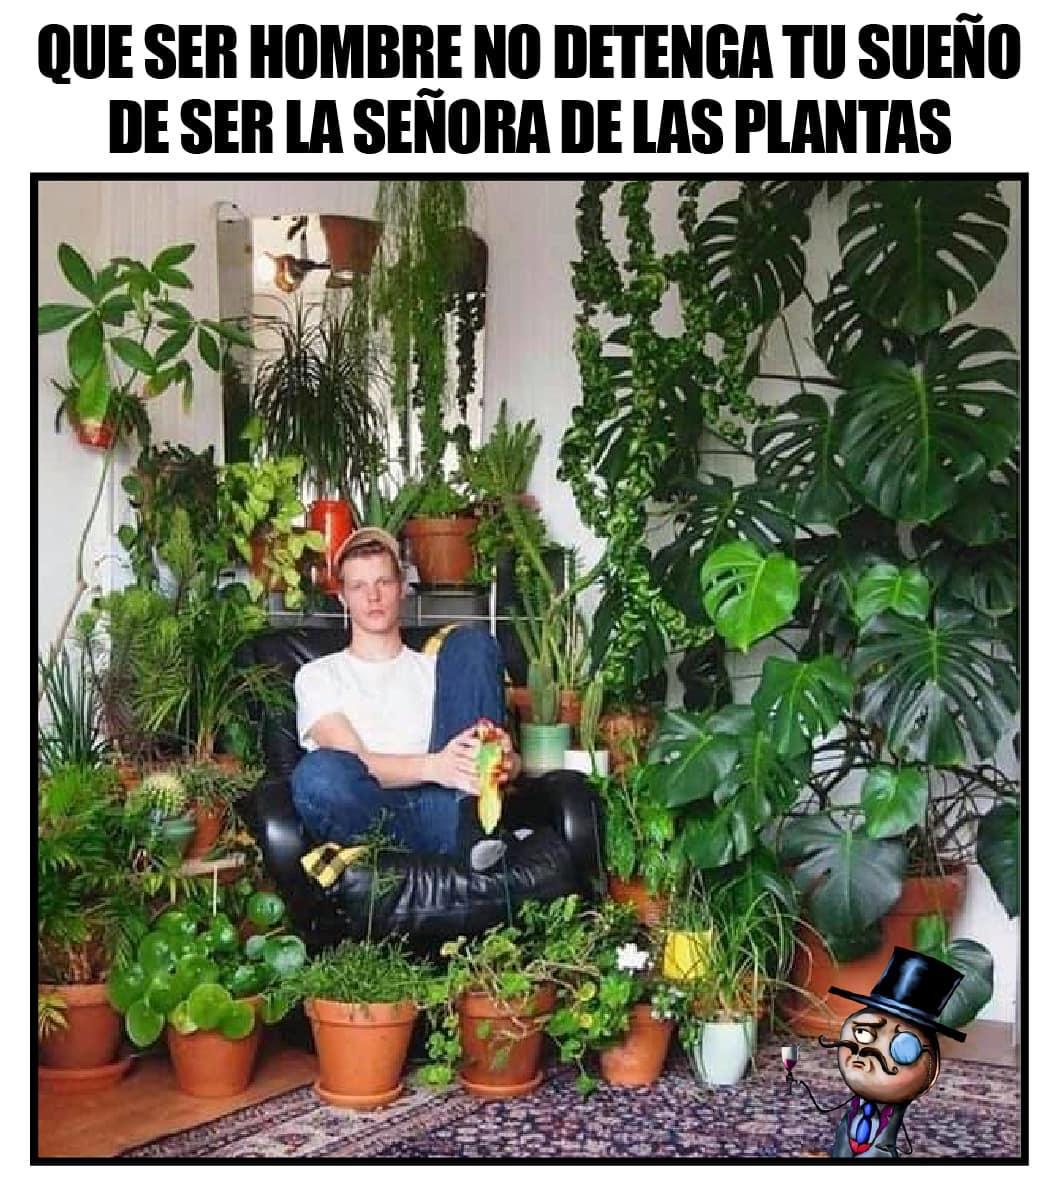 Que ser hombre no te detenga tu sueño de ser la señora de las plantas.